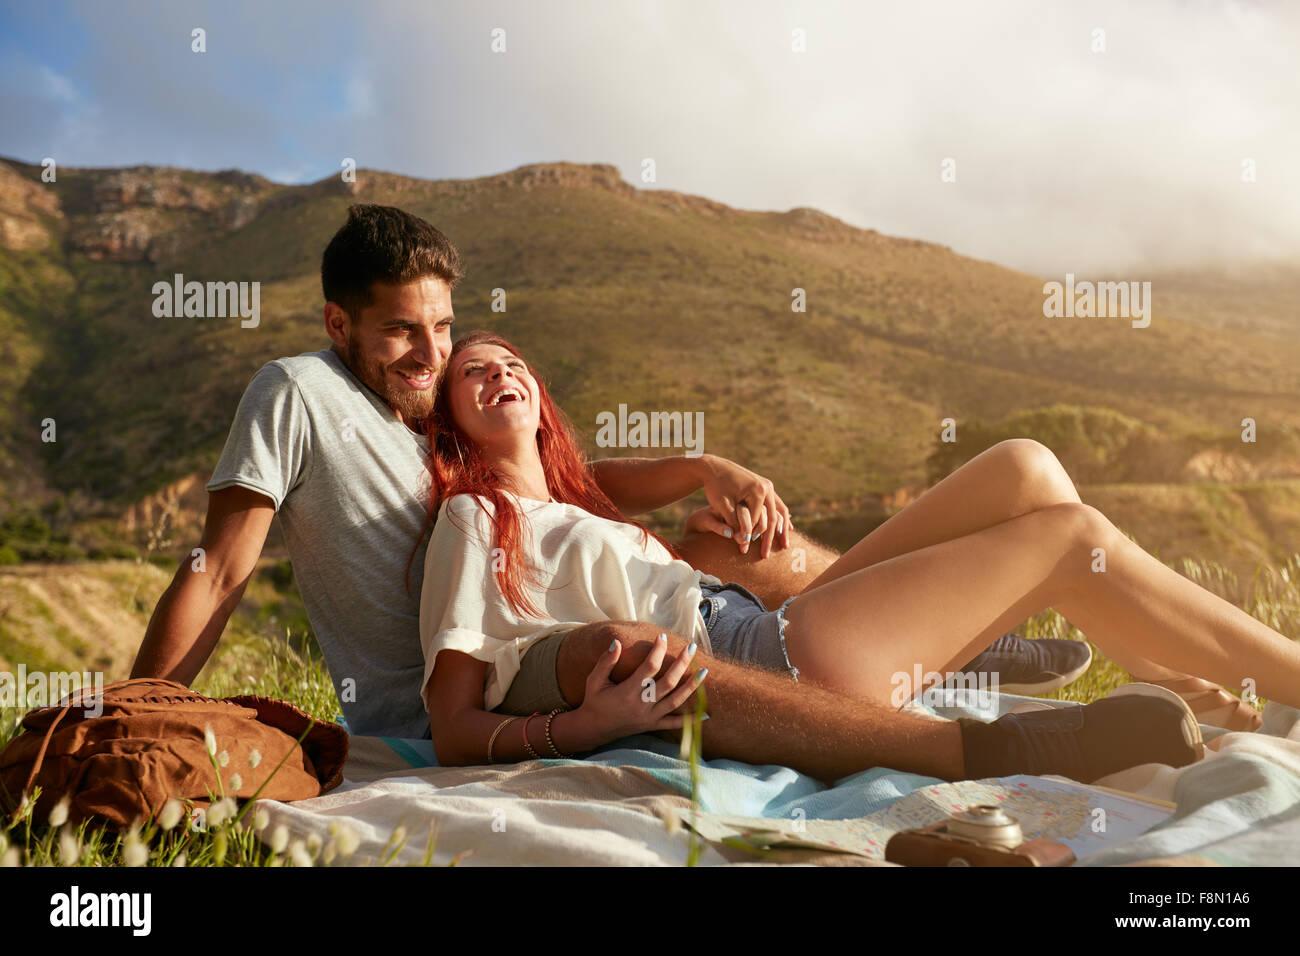 Retrato de una joven pareja lindo sentados juntos y sonrientes. Hombre y mujer joven ion vacaciones de verano. Disfrutar Imagen De Stock